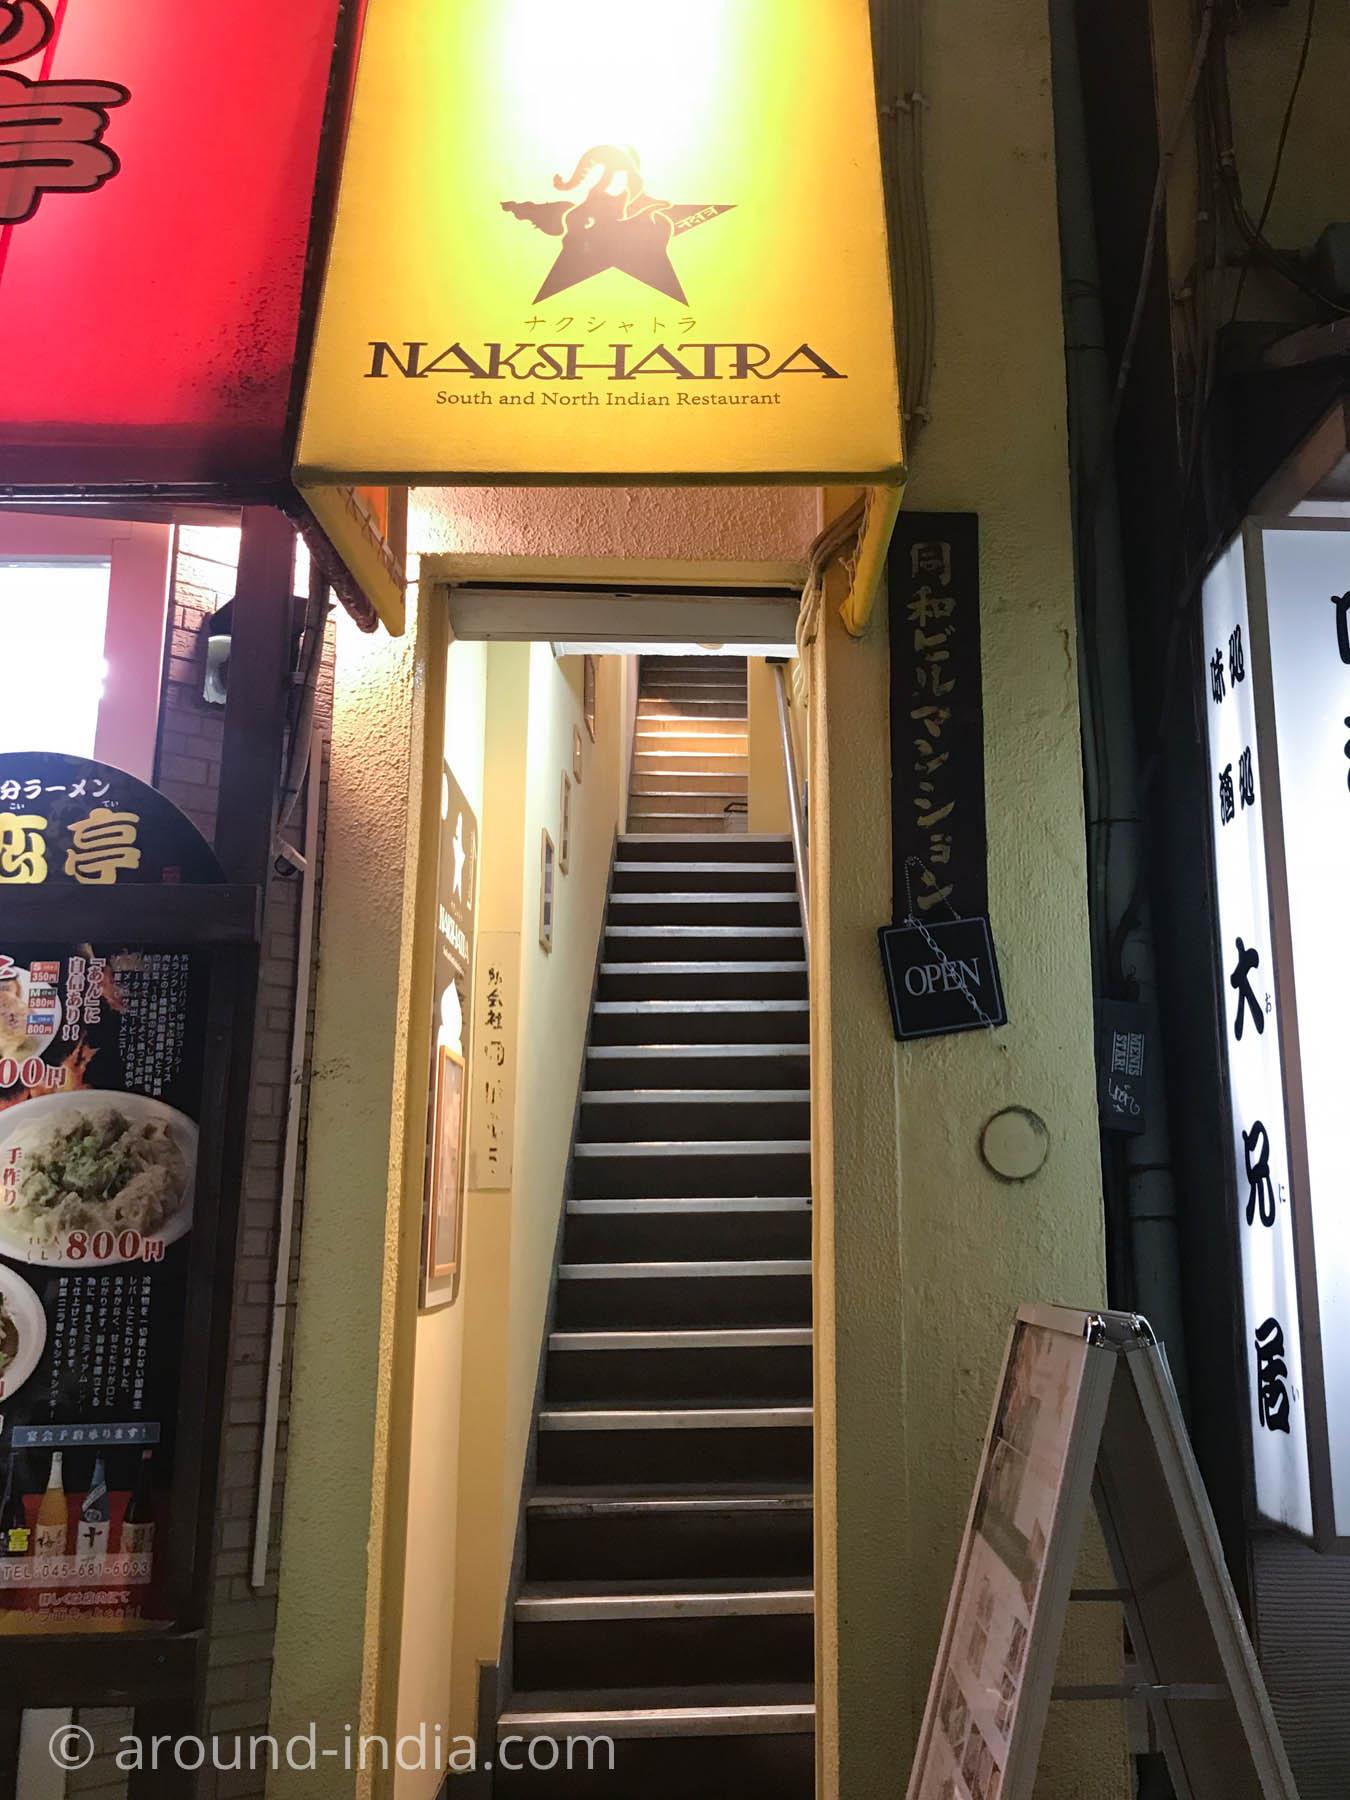 横浜中華街のインド料理店ナクシャトラ外観